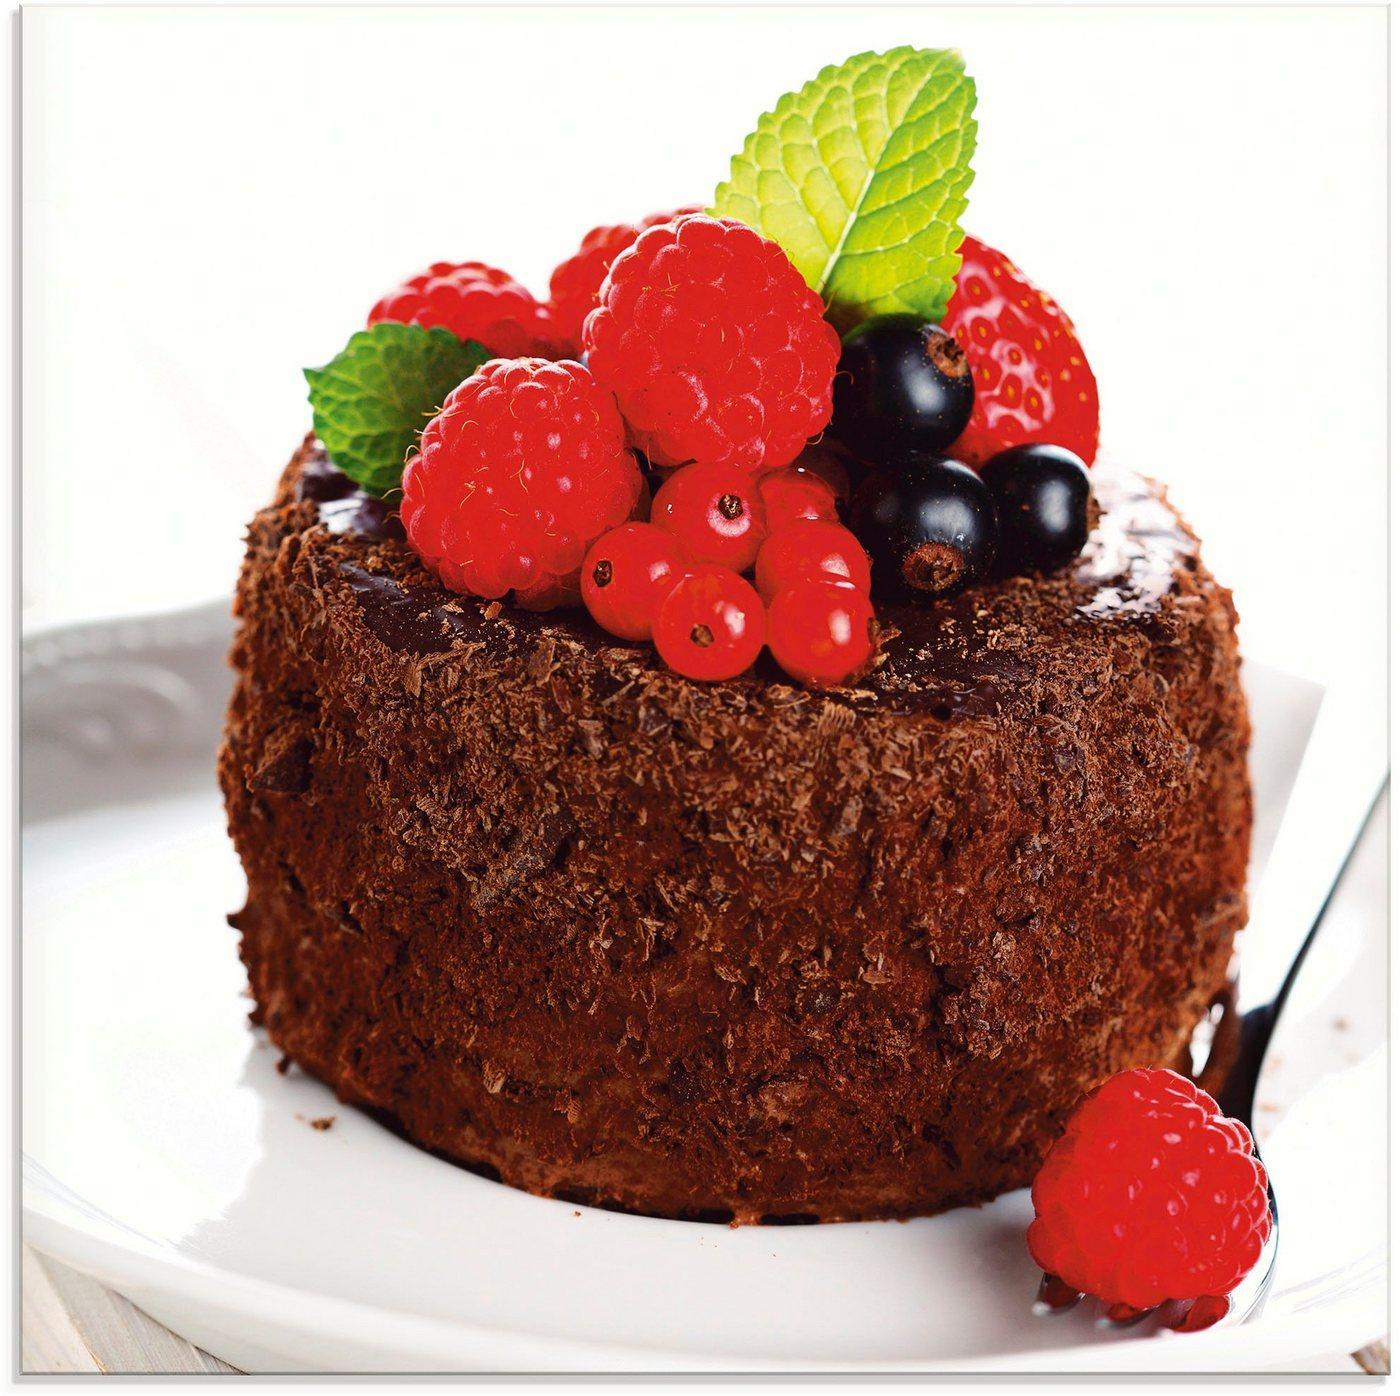 Artland Glasbild »Feiner Schokoladenkuchen mit Beeren«, Süßspeisen (1 Stück)